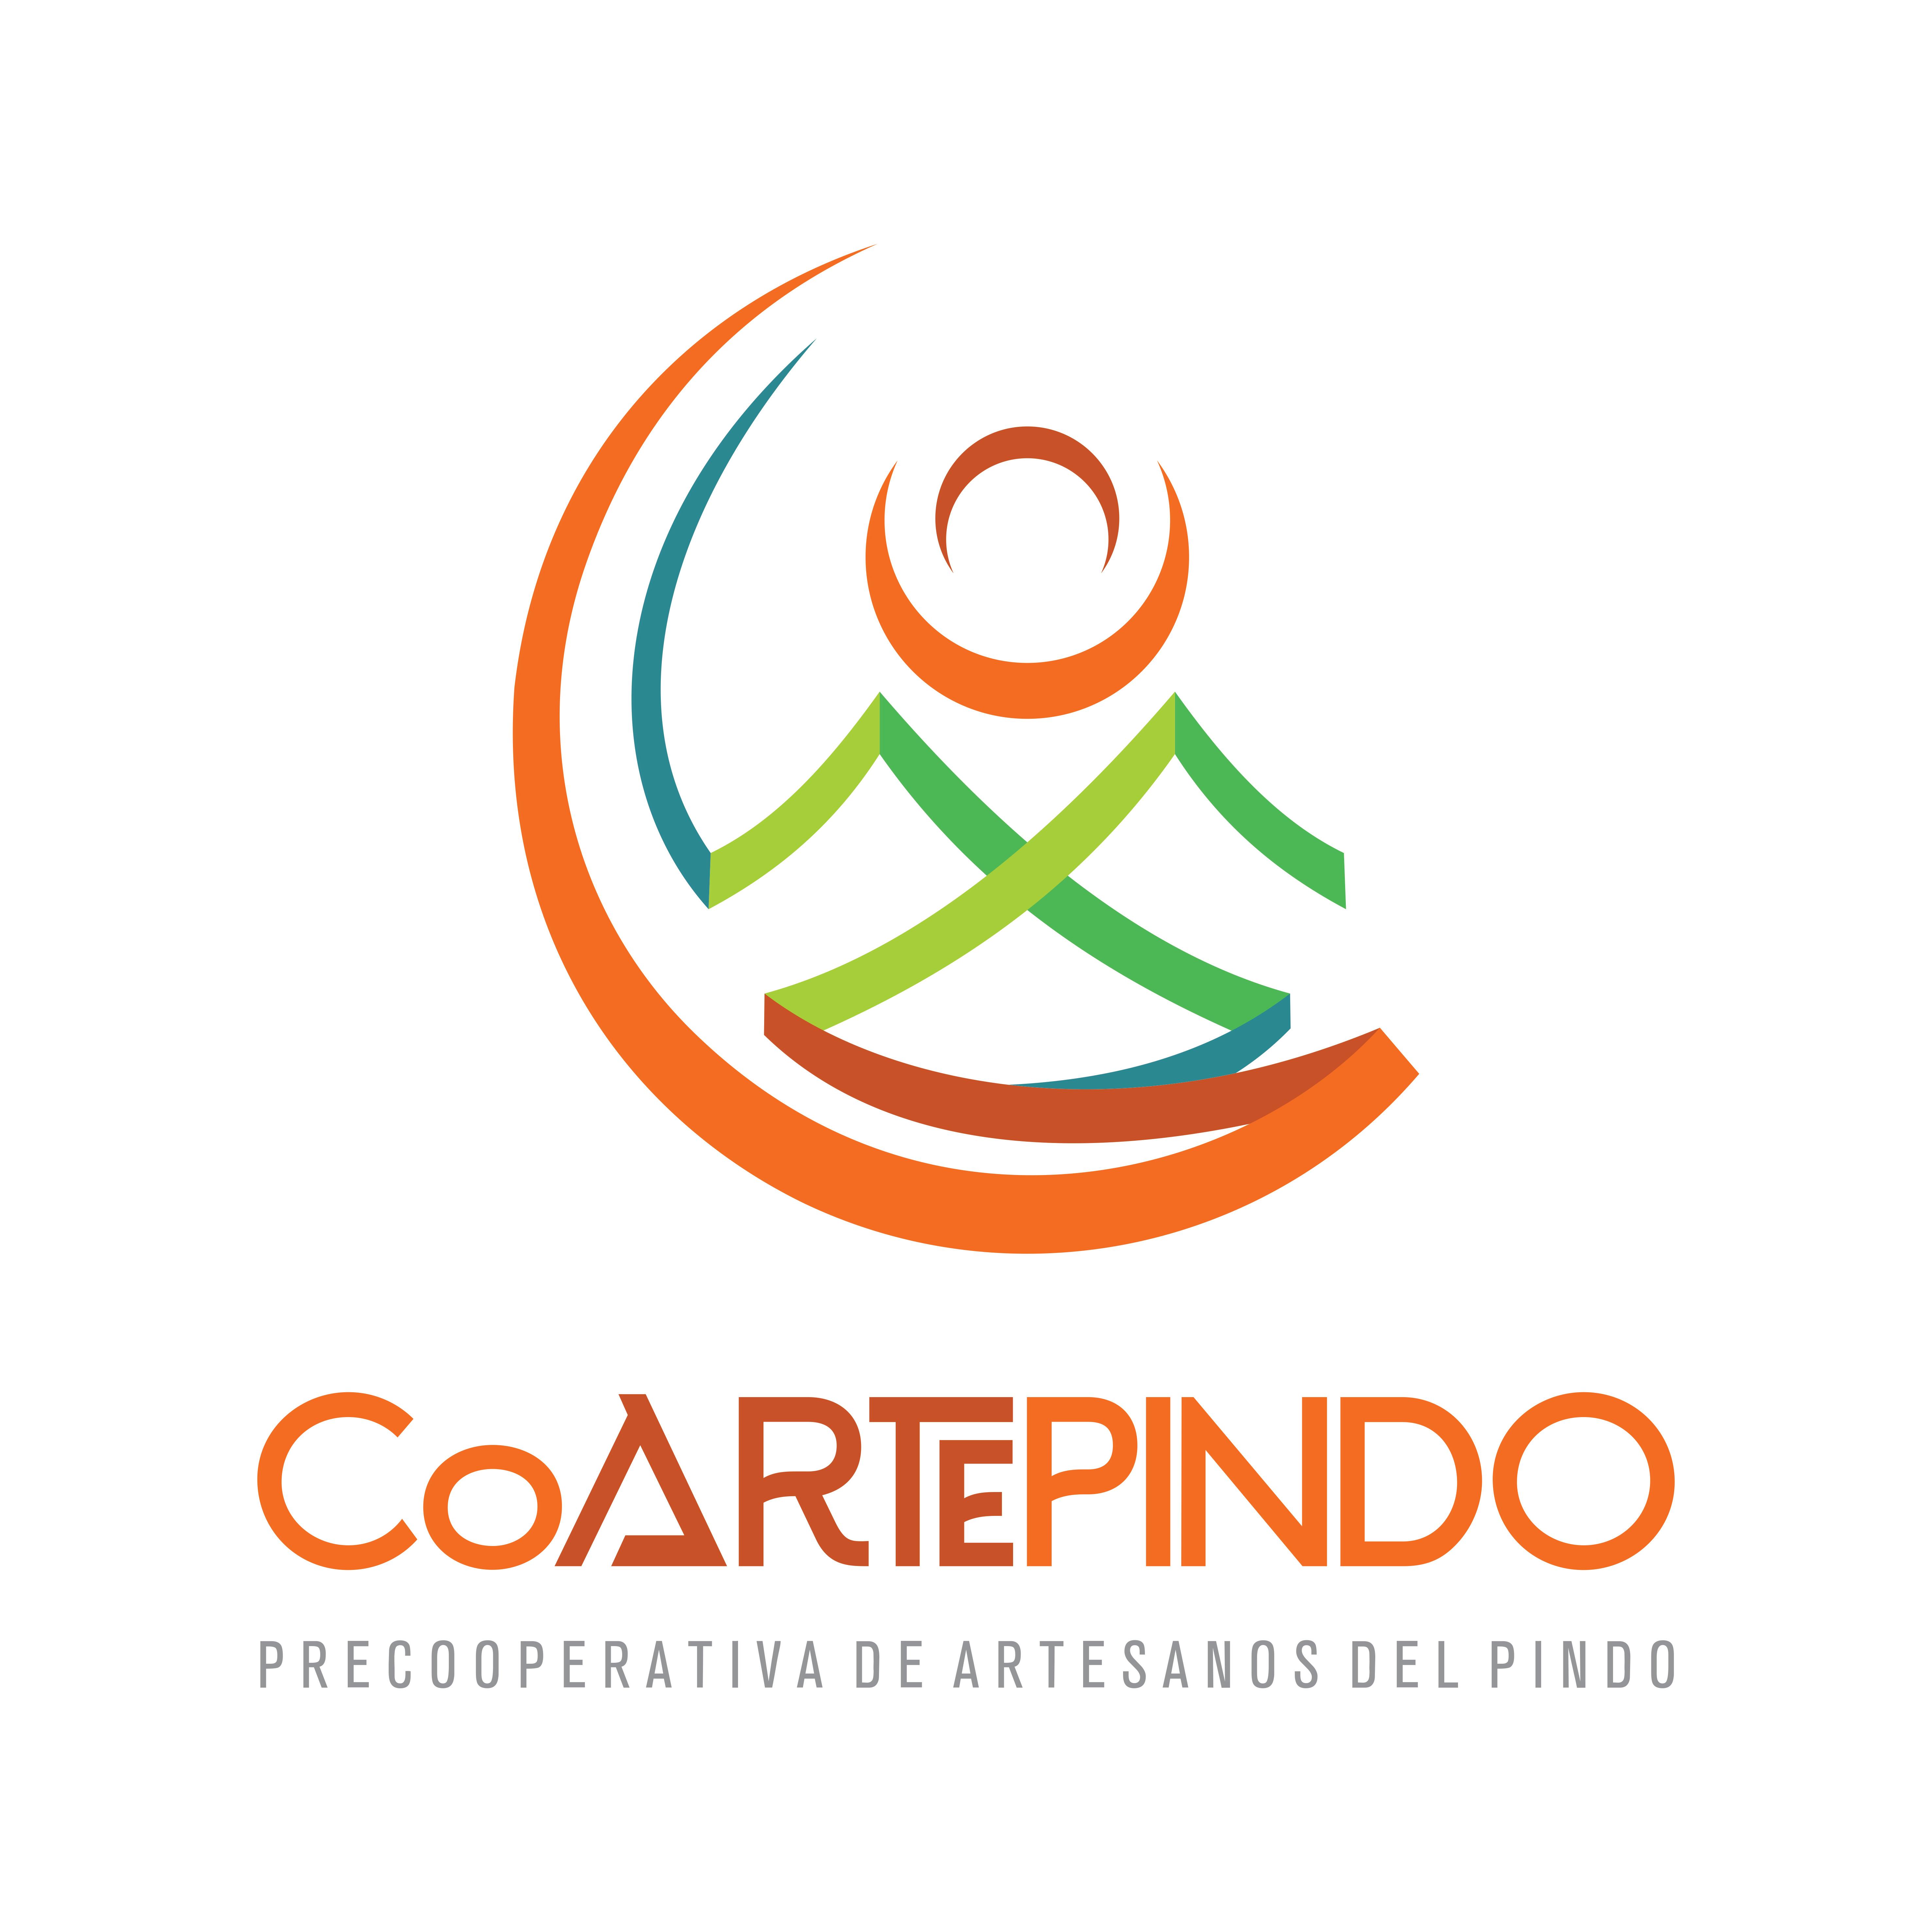 COARTEPINDO